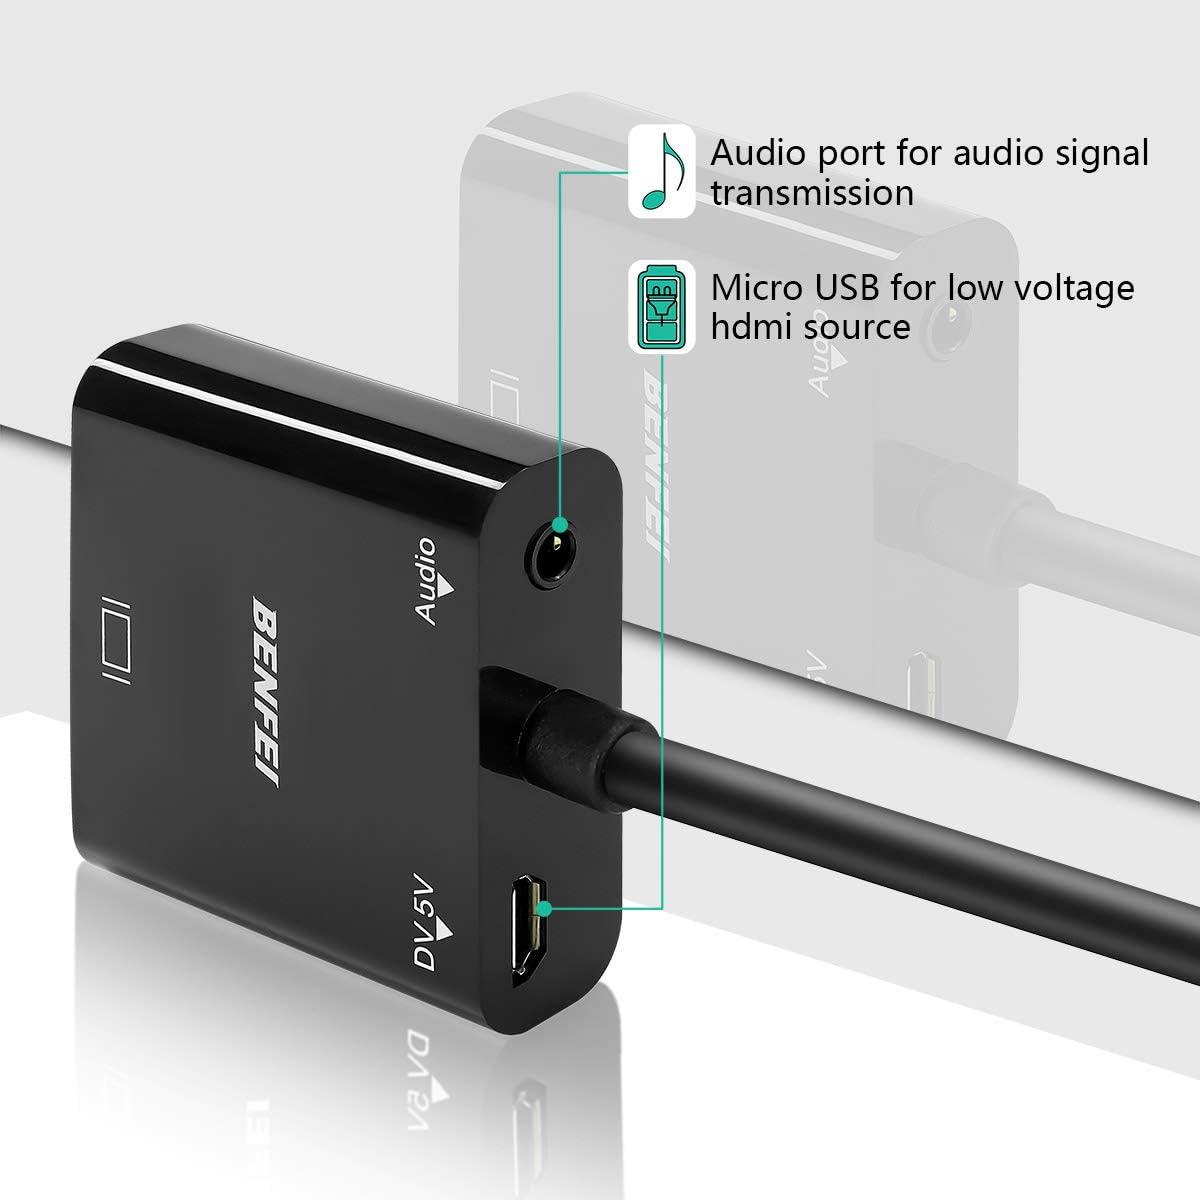 placcato in oro PS4 cavo adattatore da Active HDMI a VGA XBox 360 One Benfei PS3 con audio per computer portatile